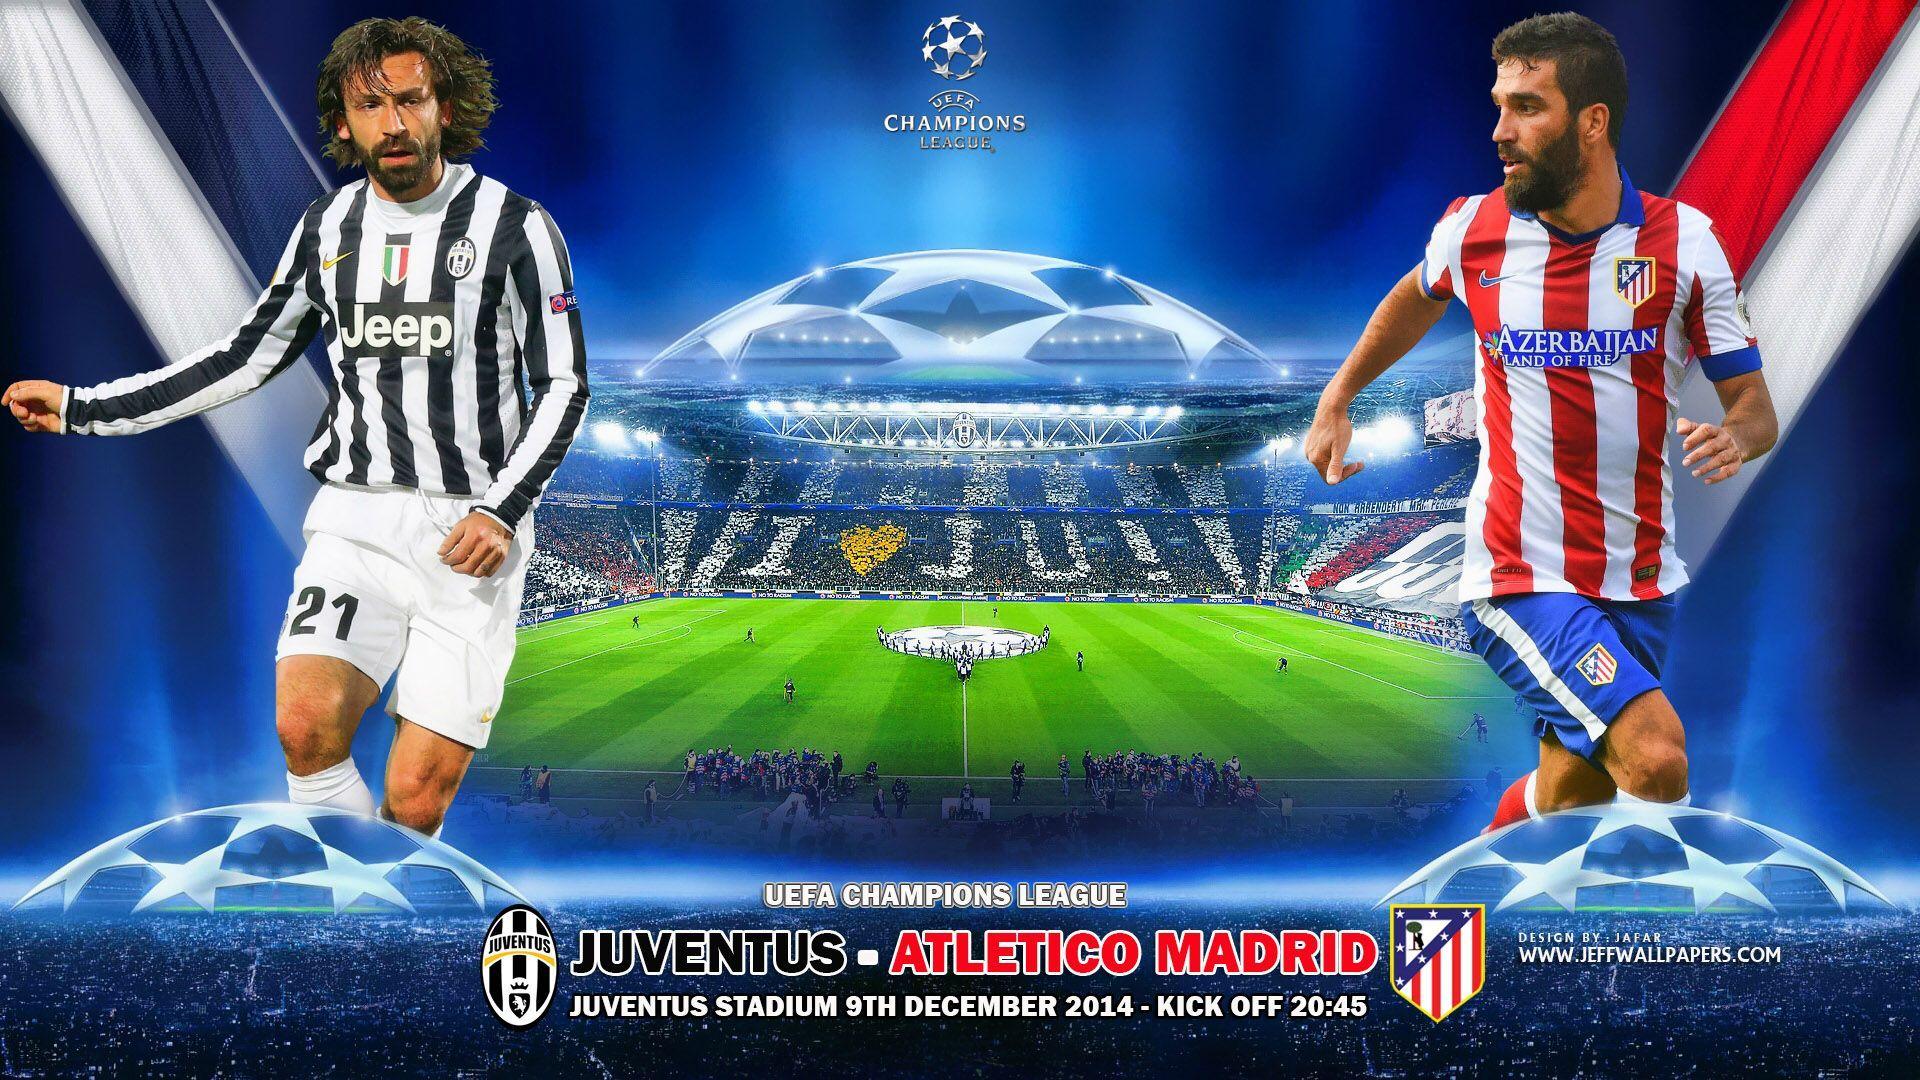 Wallpaper Mobile Juventus 2015